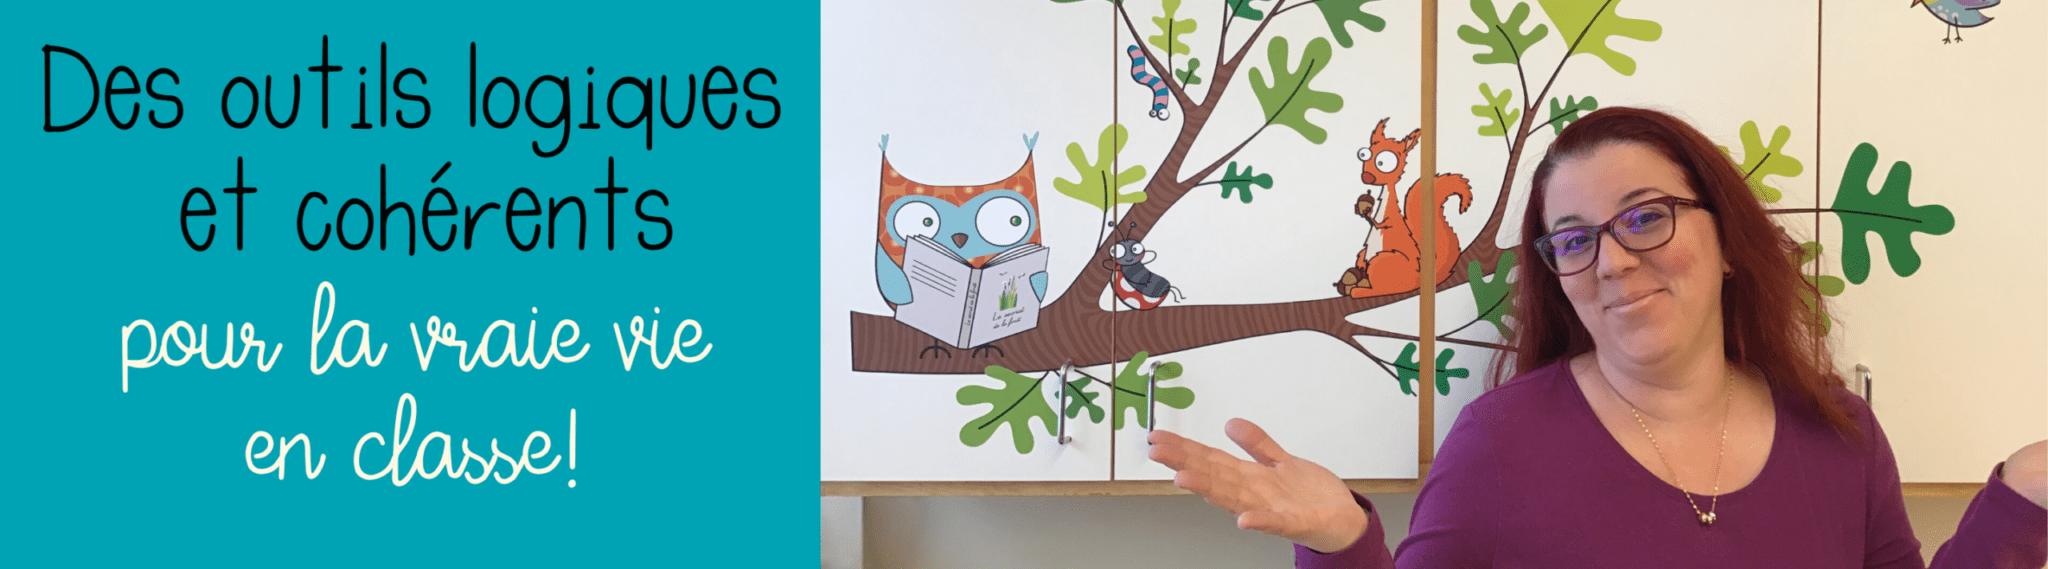 Les Créations de Madame Pascale vous propose du matériel pédagogique et d'outils logiques et cohérents pour la maternelle et le 1er cycle (1re et 2e année).